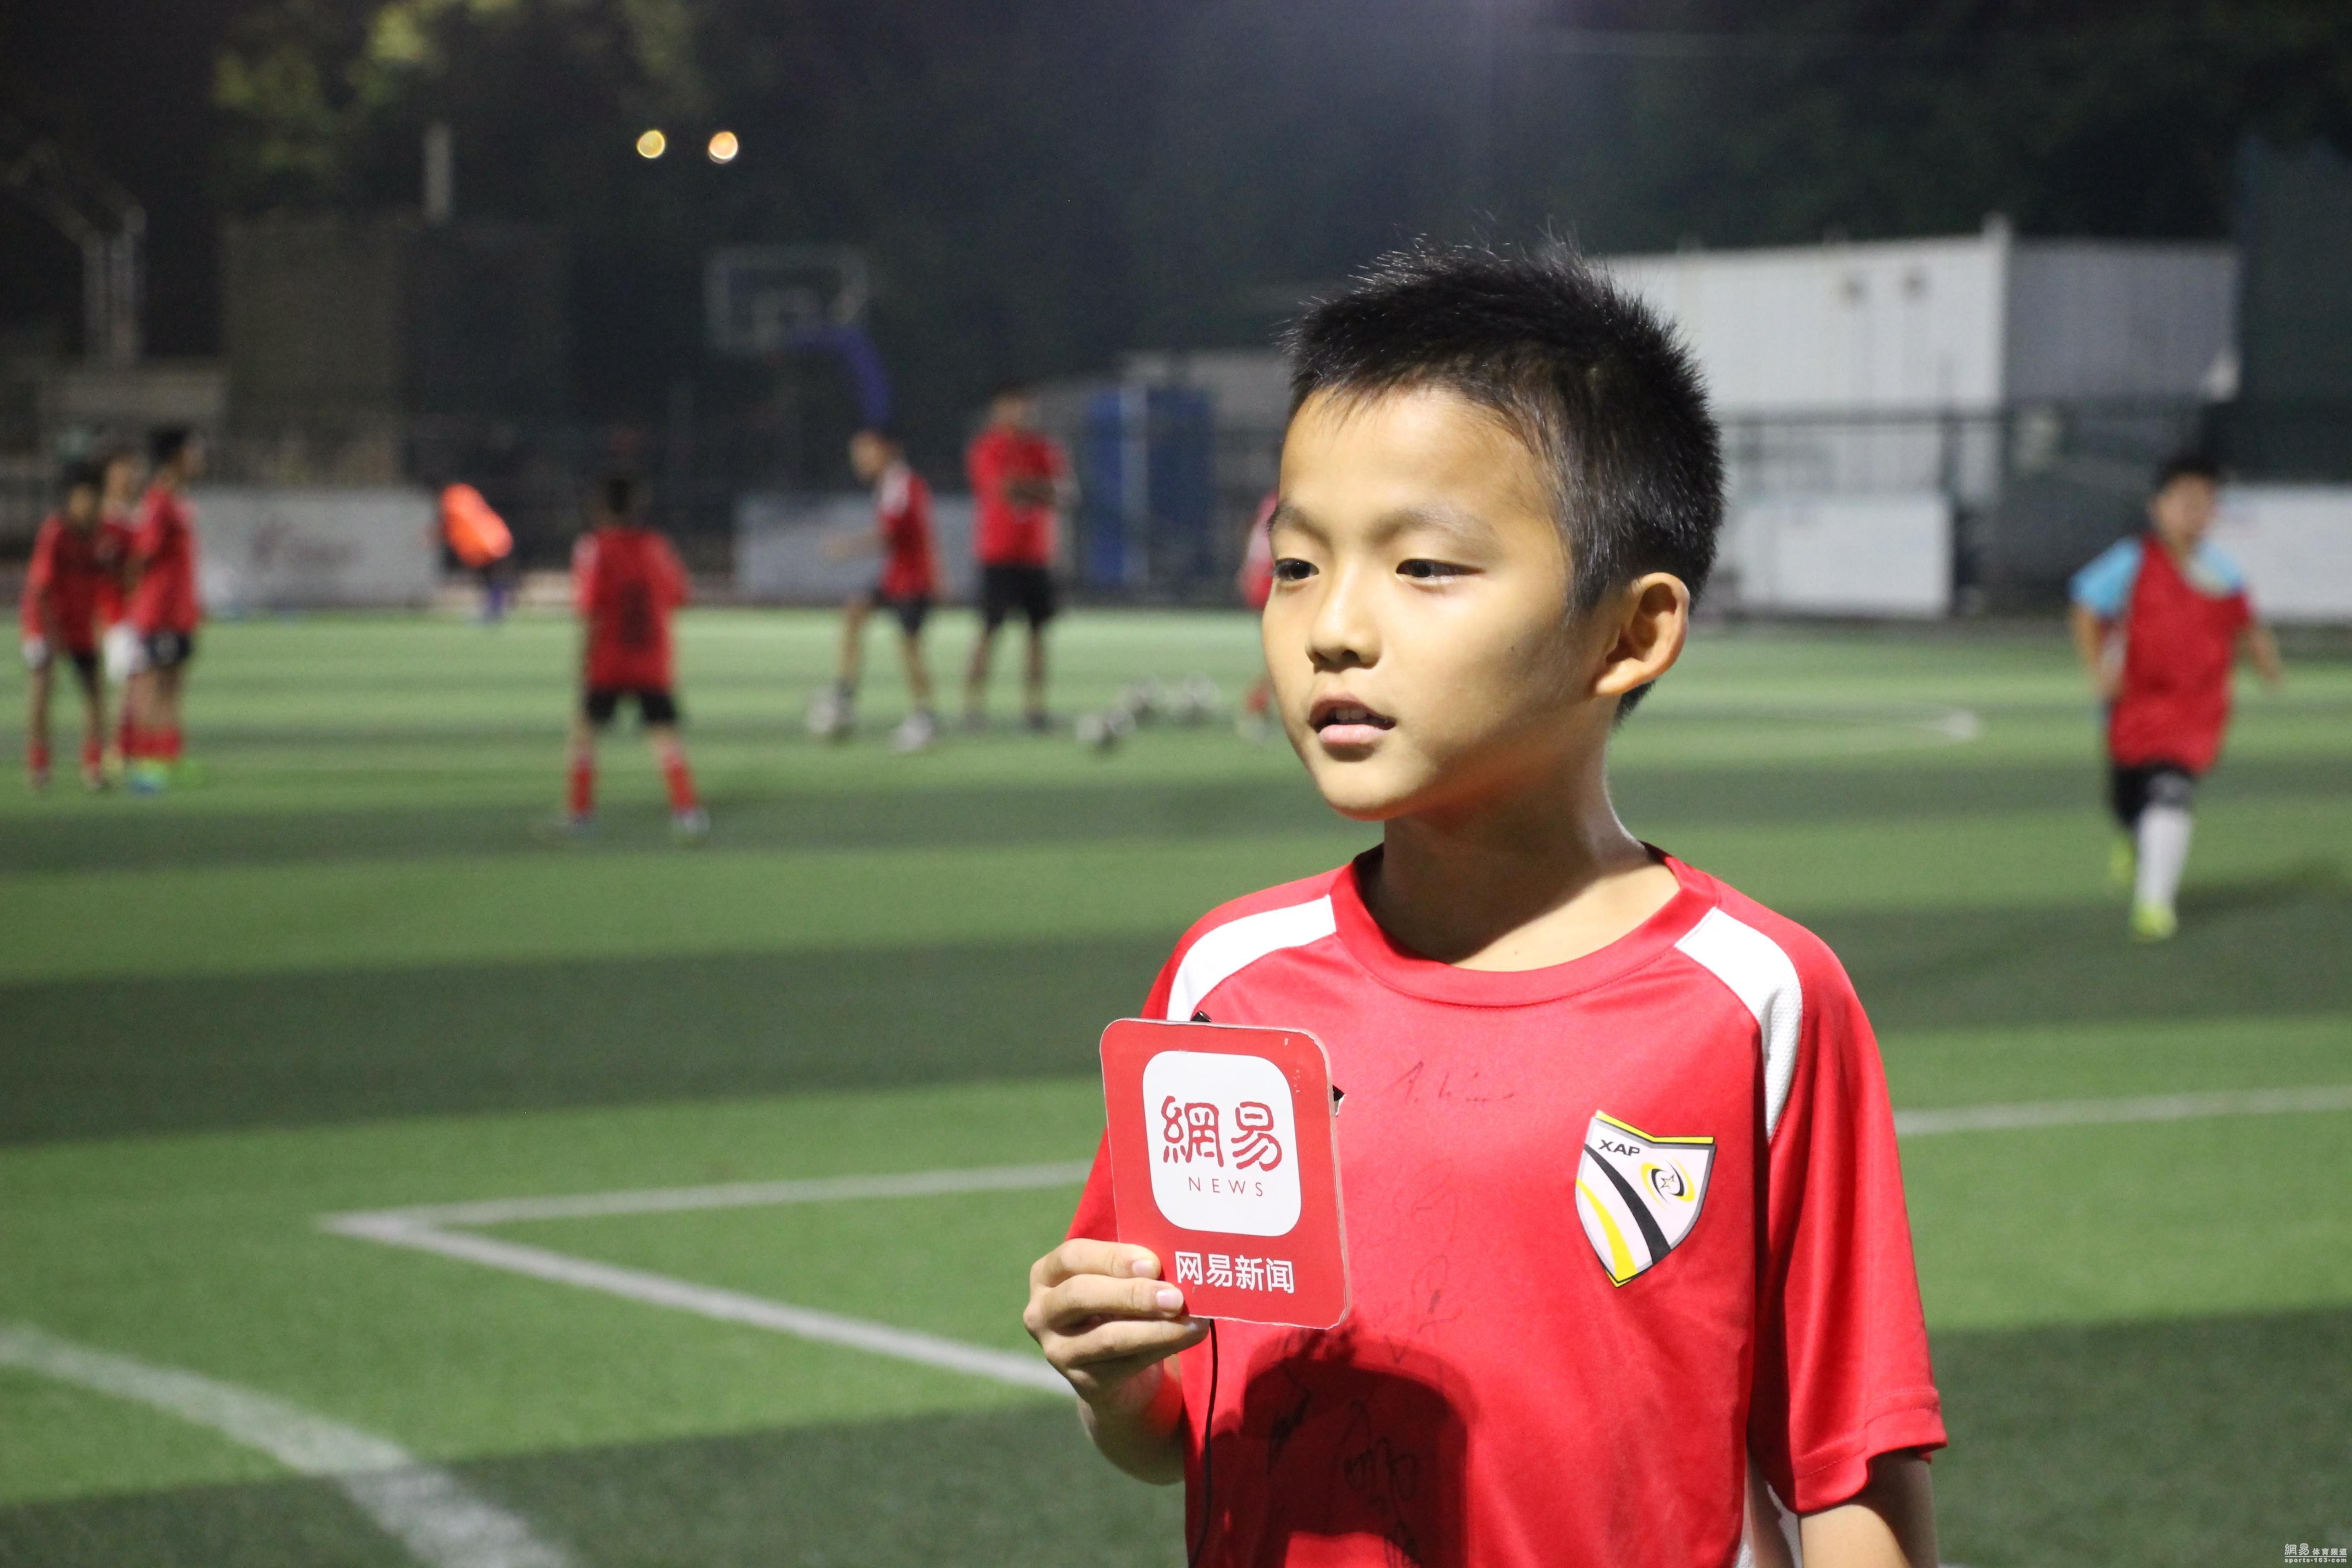 草根青训获C罗同胞助力,被富力签走2名学员,又叹孩子踢球太功利